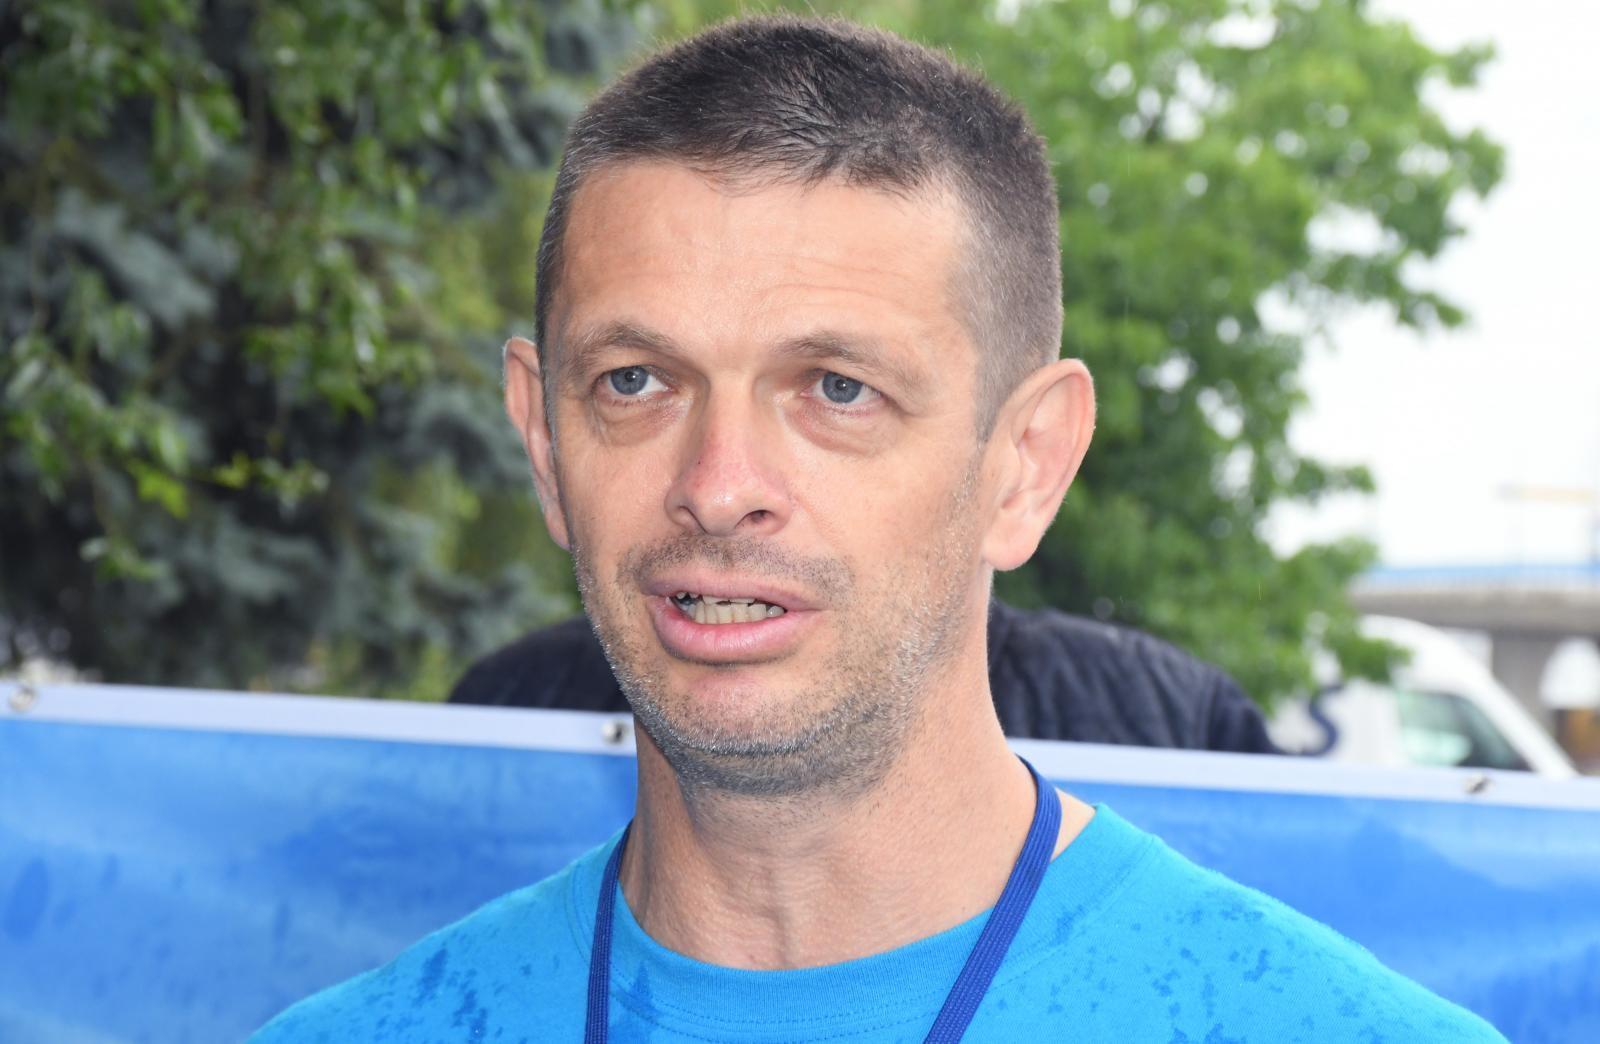 Današnju manifestaciju organizirao je Boris Prpić